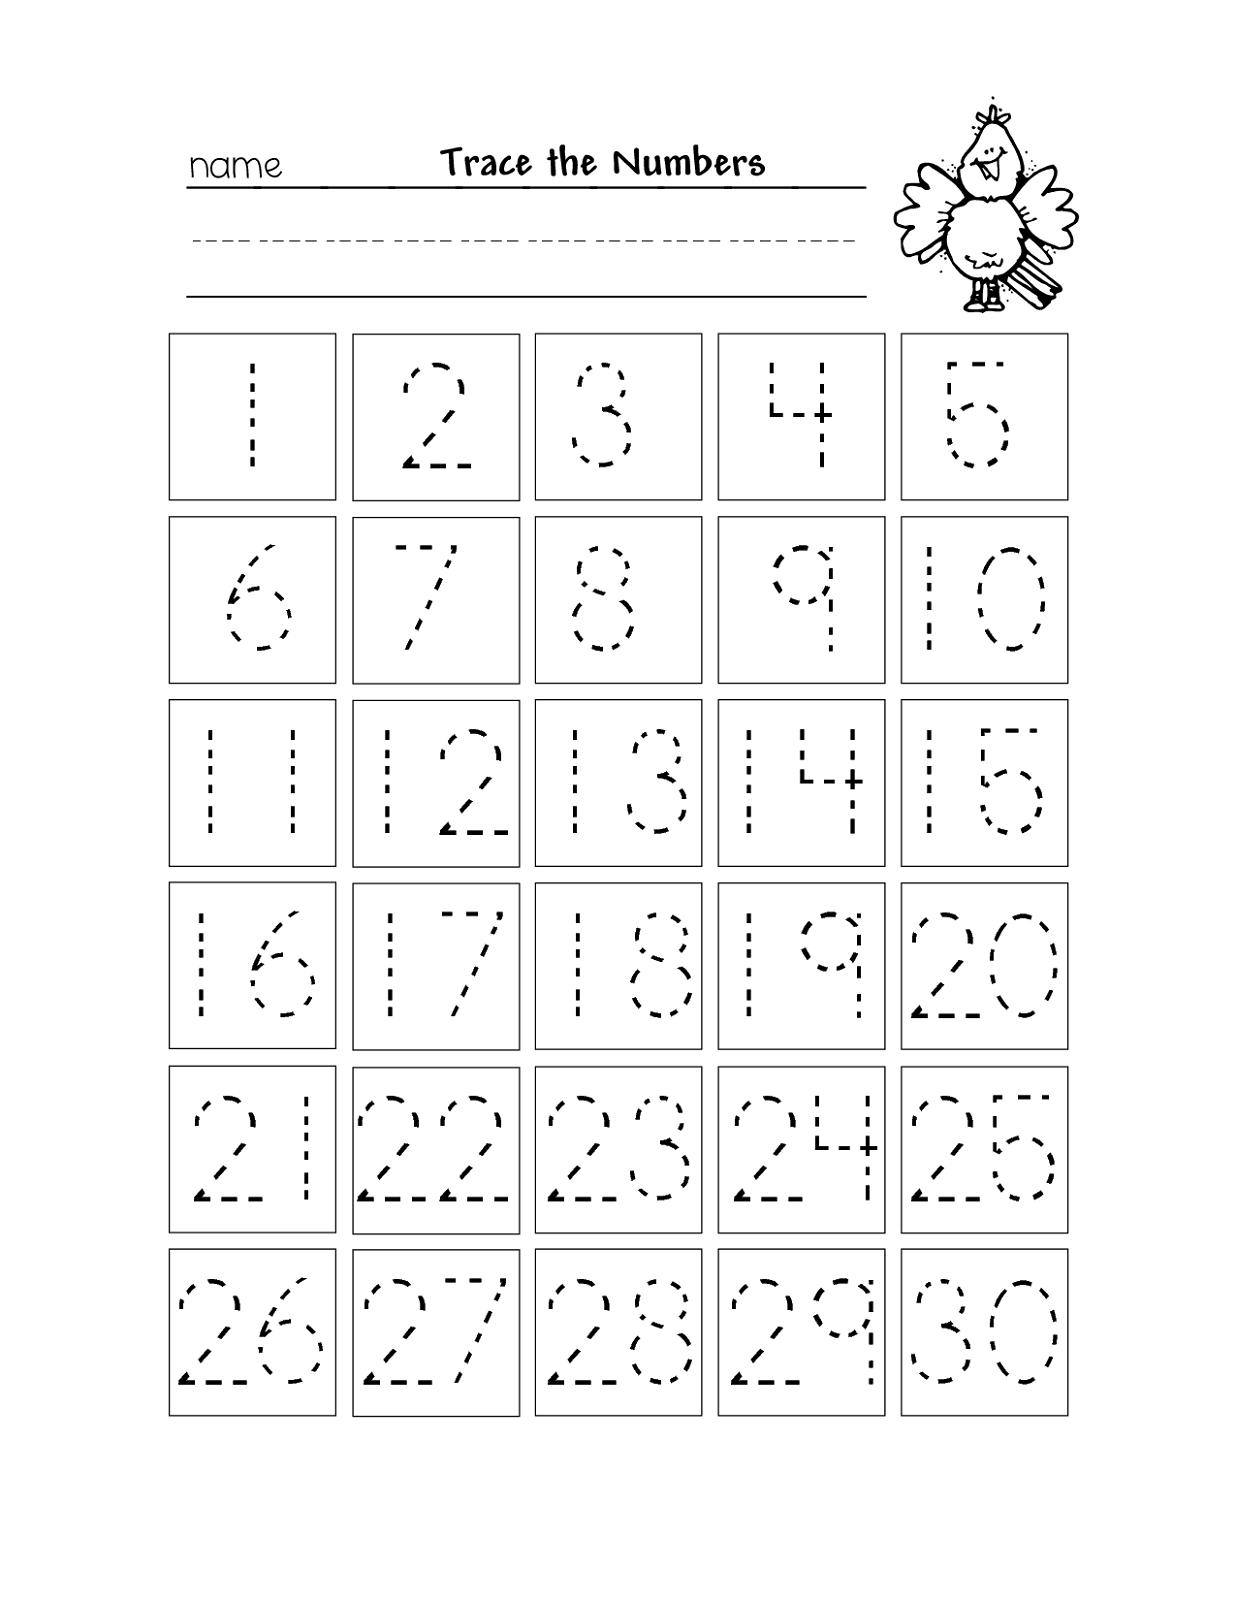 Free Printable Number Chart 1-30 | Kinder | Numbers Preschool - Free Printable Number Flashcards 1 30